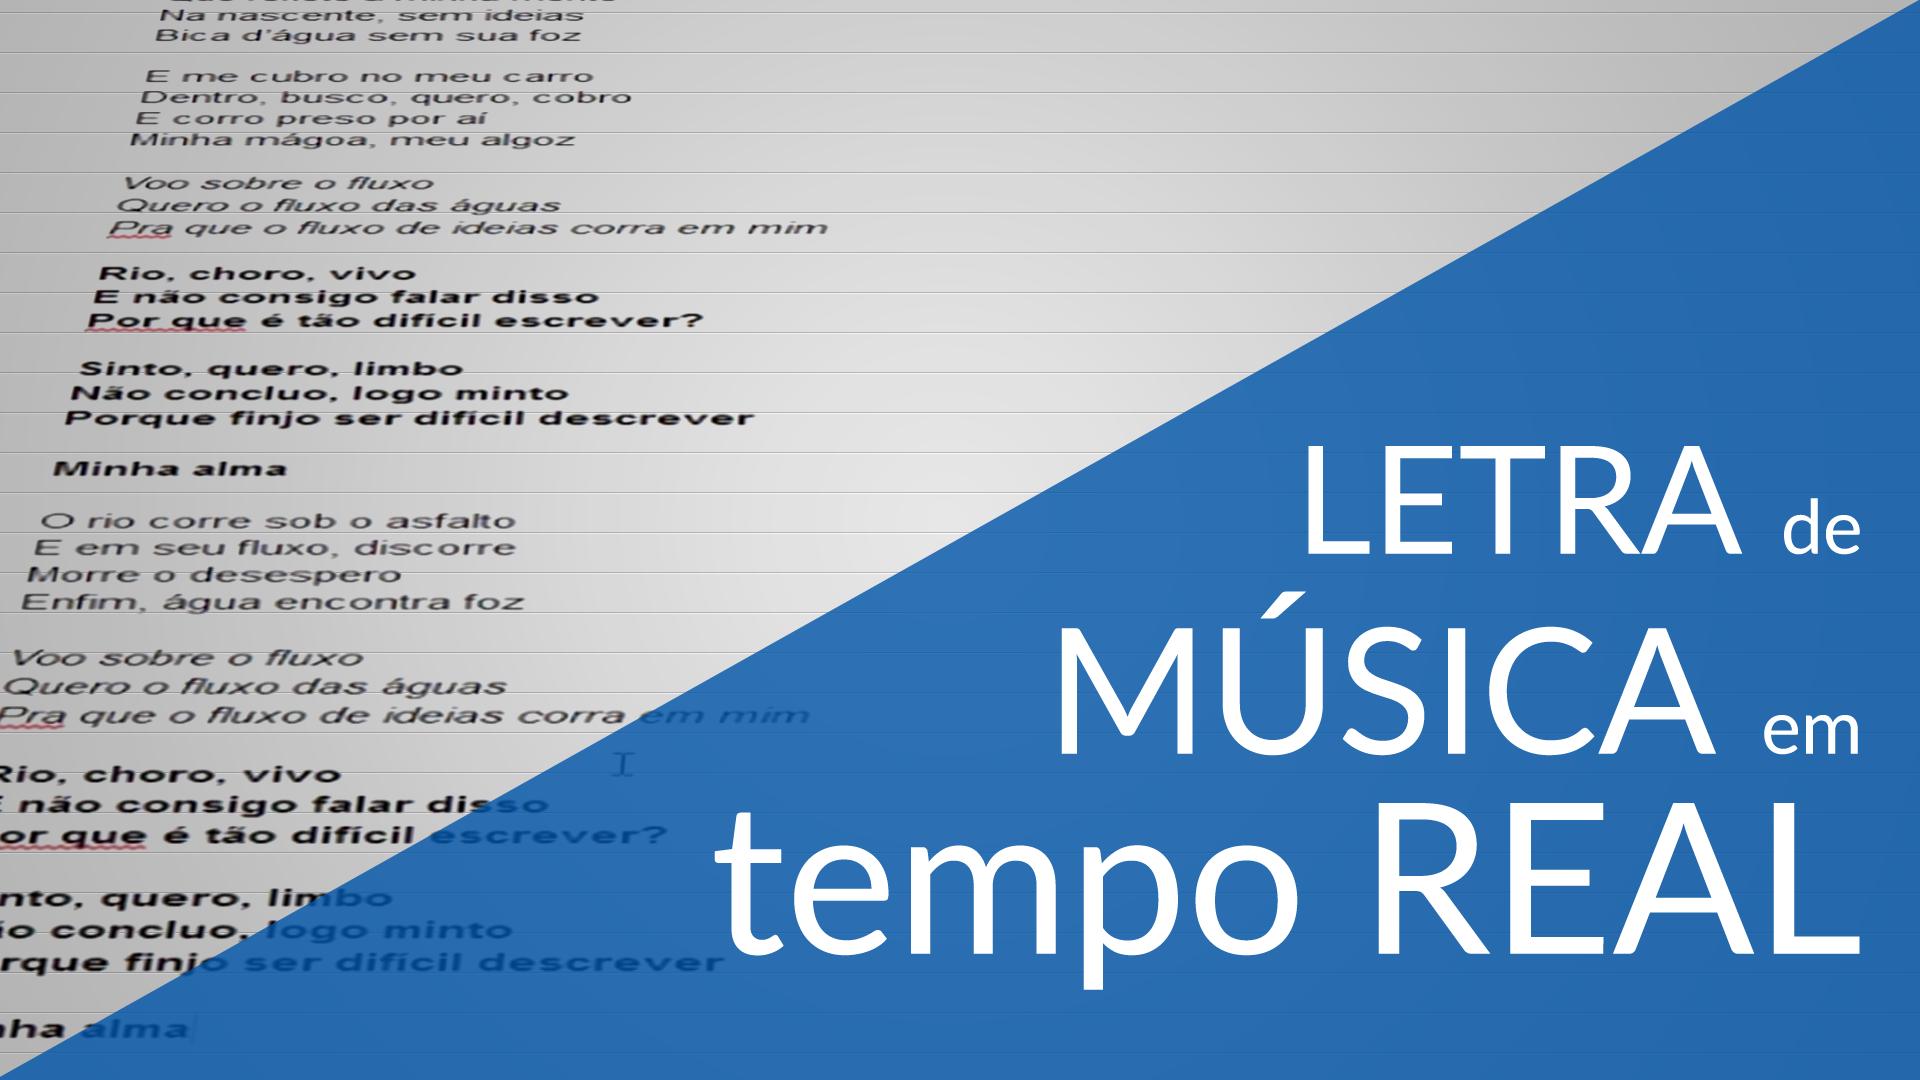 Letra de música em tempo real